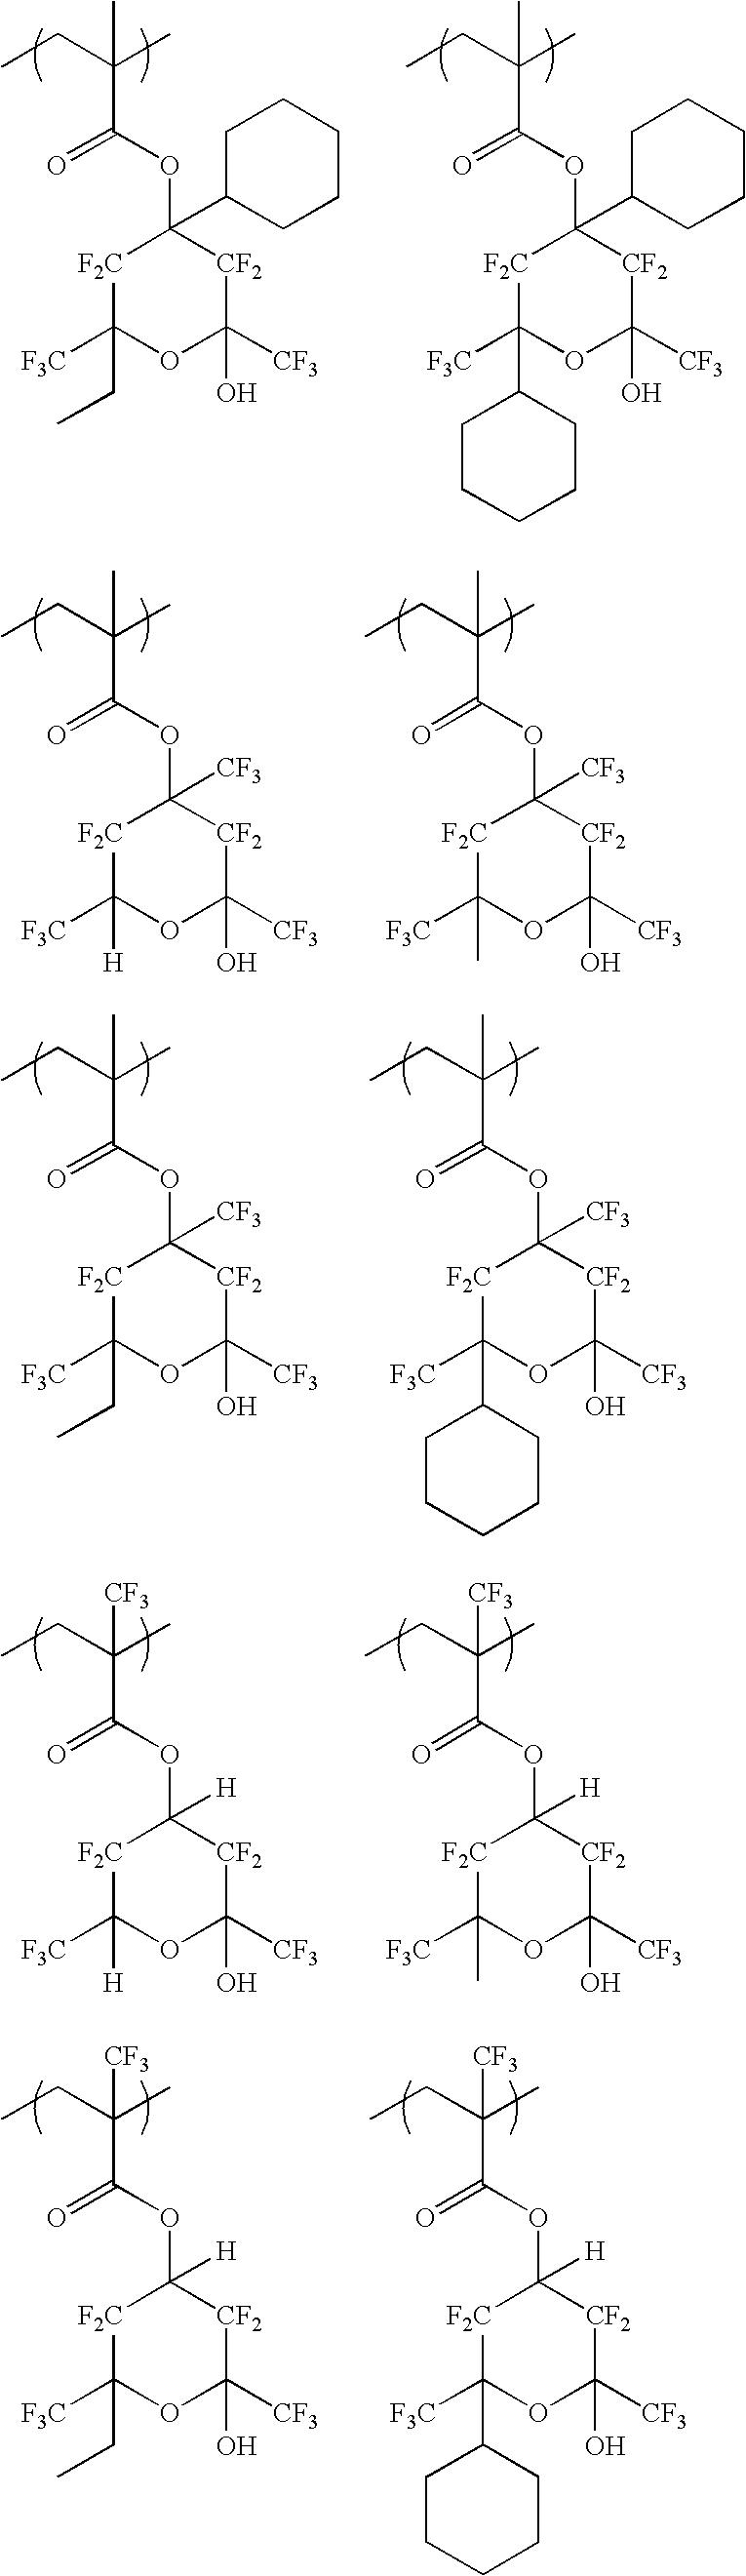 Figure US20060094817A1-20060504-C00030